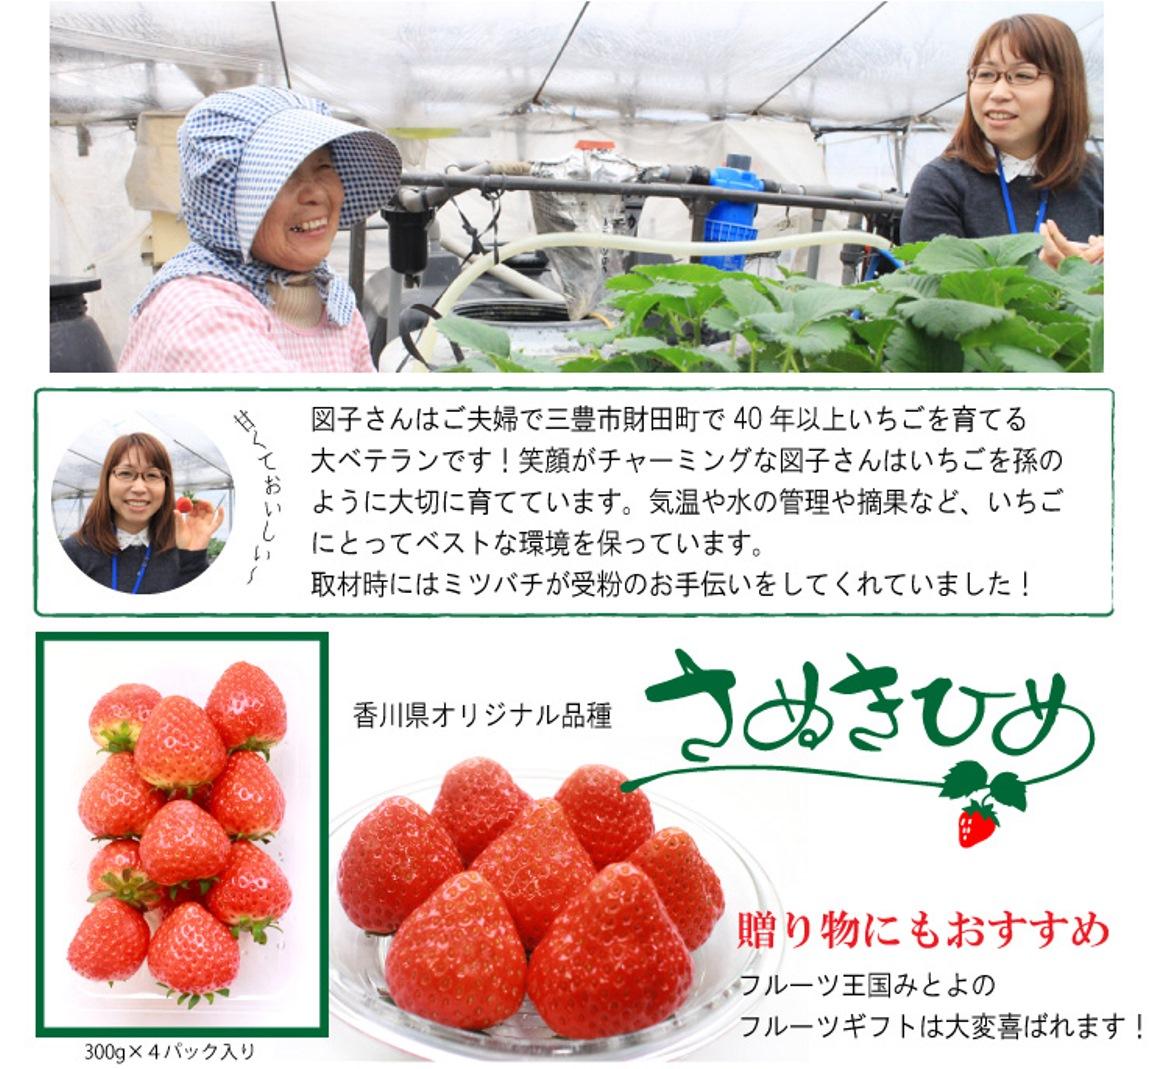 図子さんは40年以上いちごを育てる大ベテラン!受粉はミツバチがお手伝い。